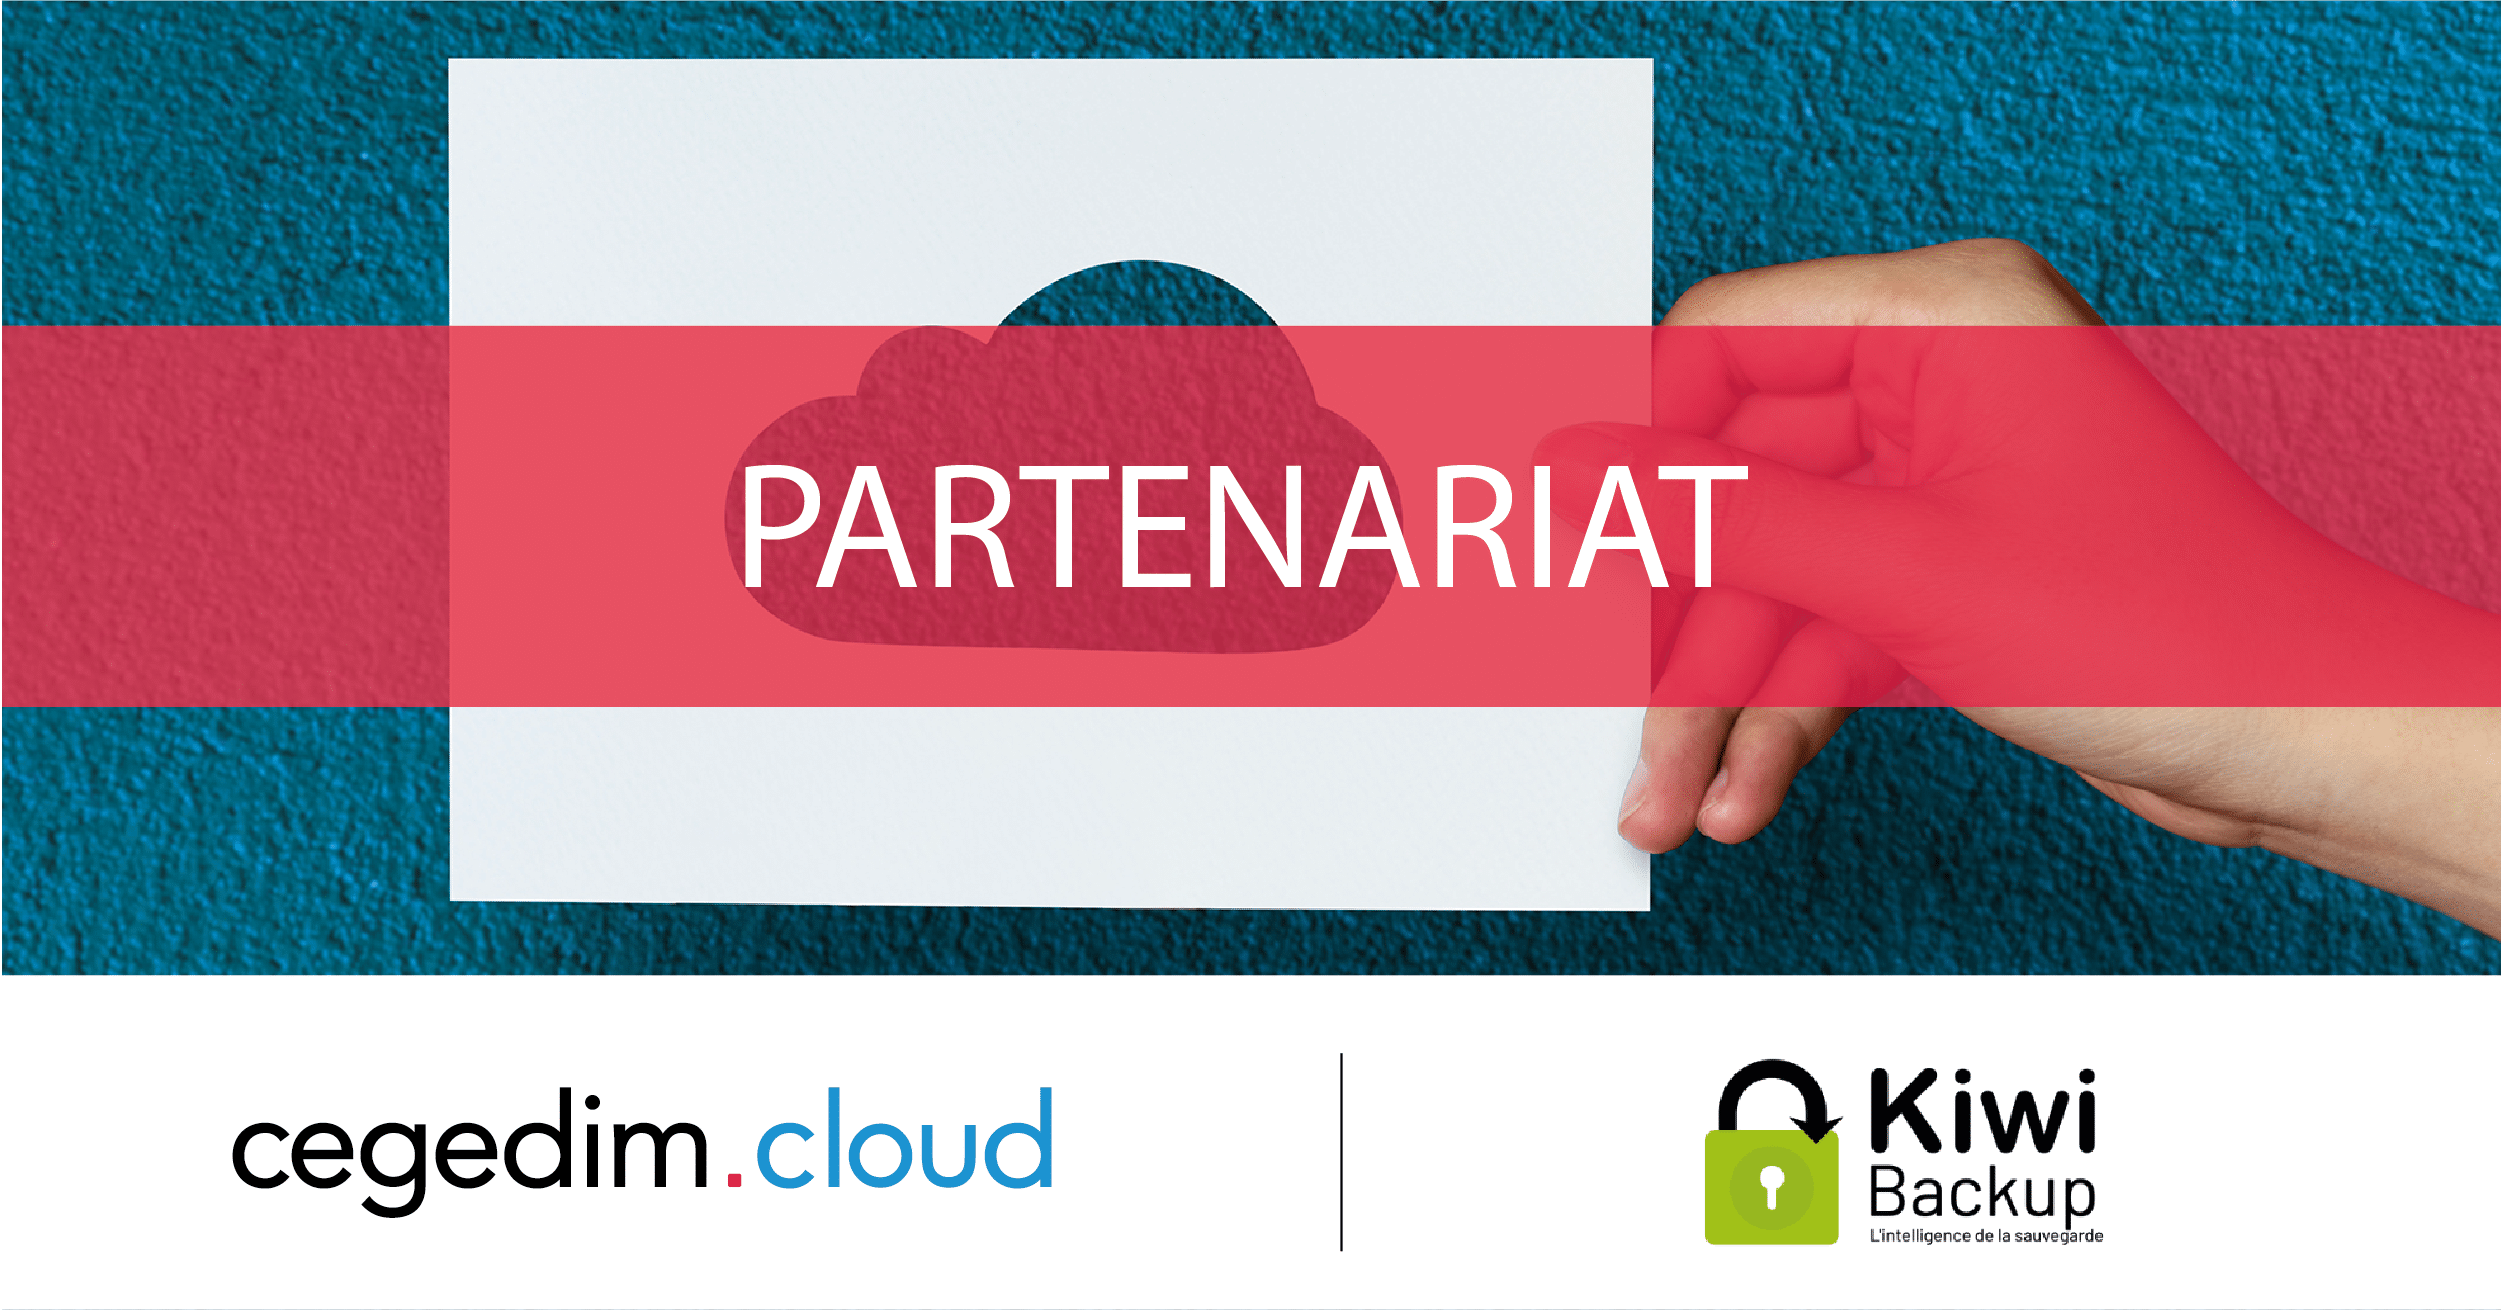 cegedim.cloud lance Cegedim Cloud Backup sa nouvelle offre de sauvegarde externalisée HDS